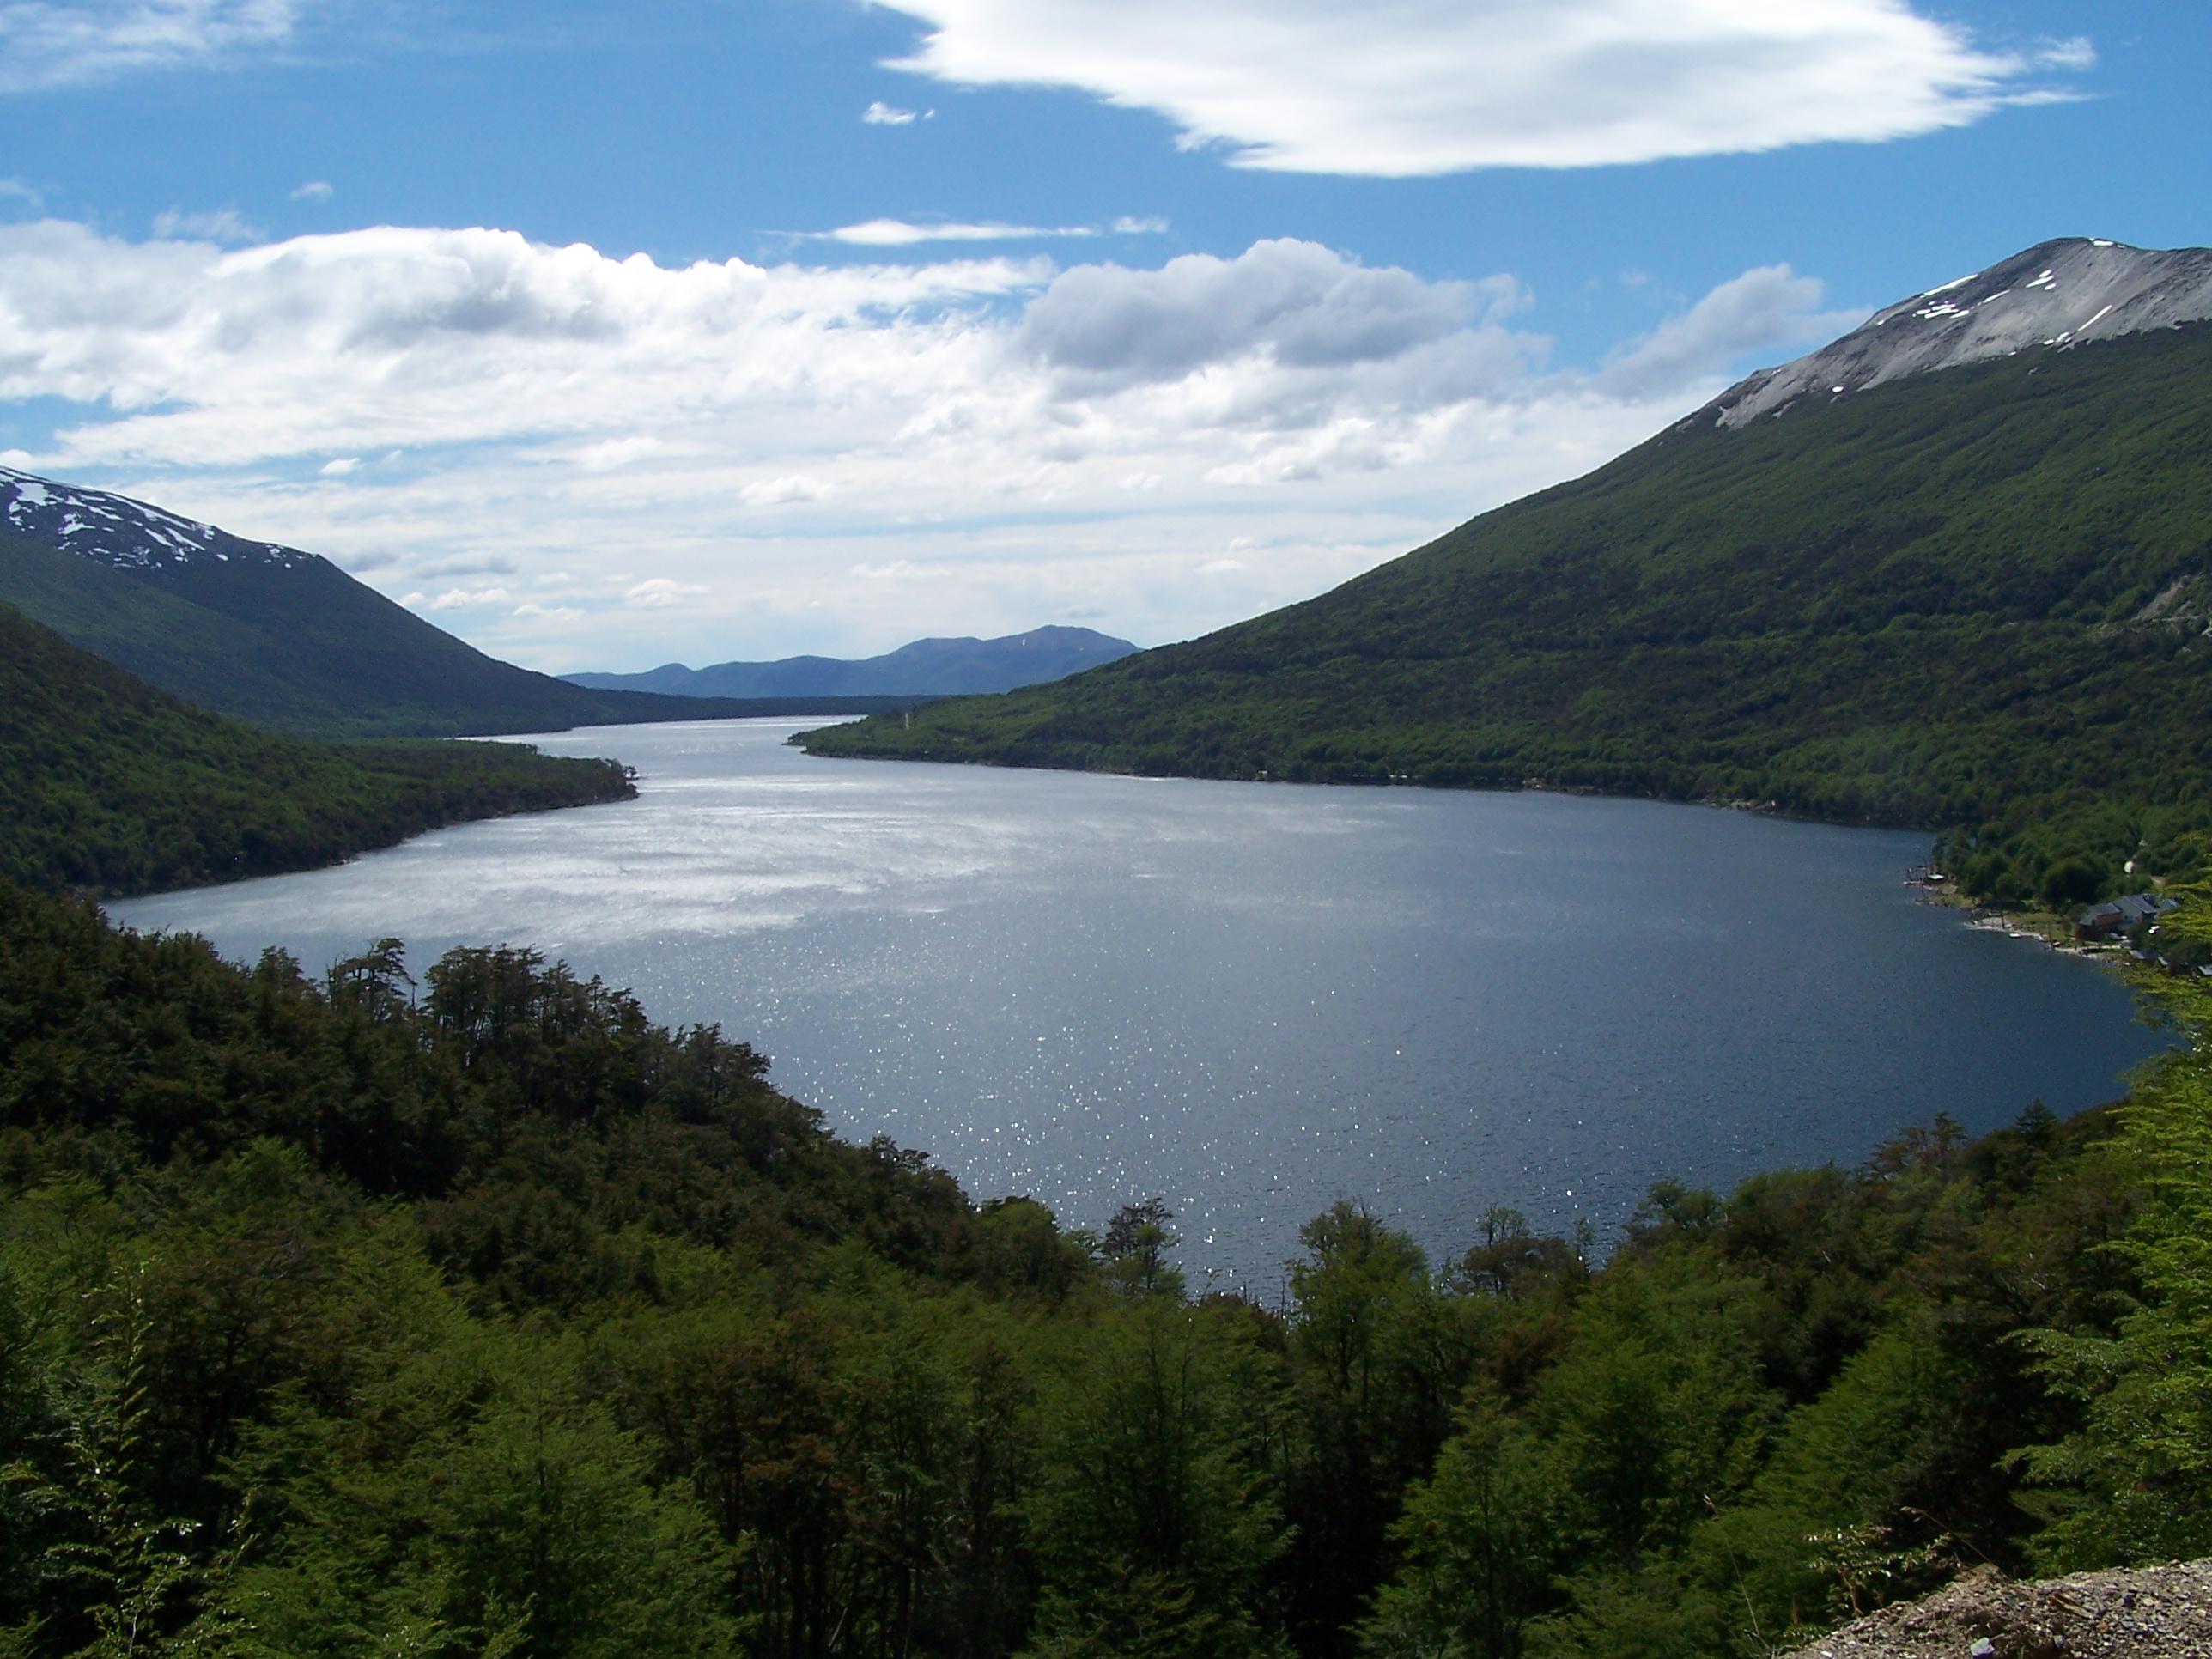 Lago Escondido - Ruta de los Siete Lagos - Argentina - Wikimedia Commons - Huazihul